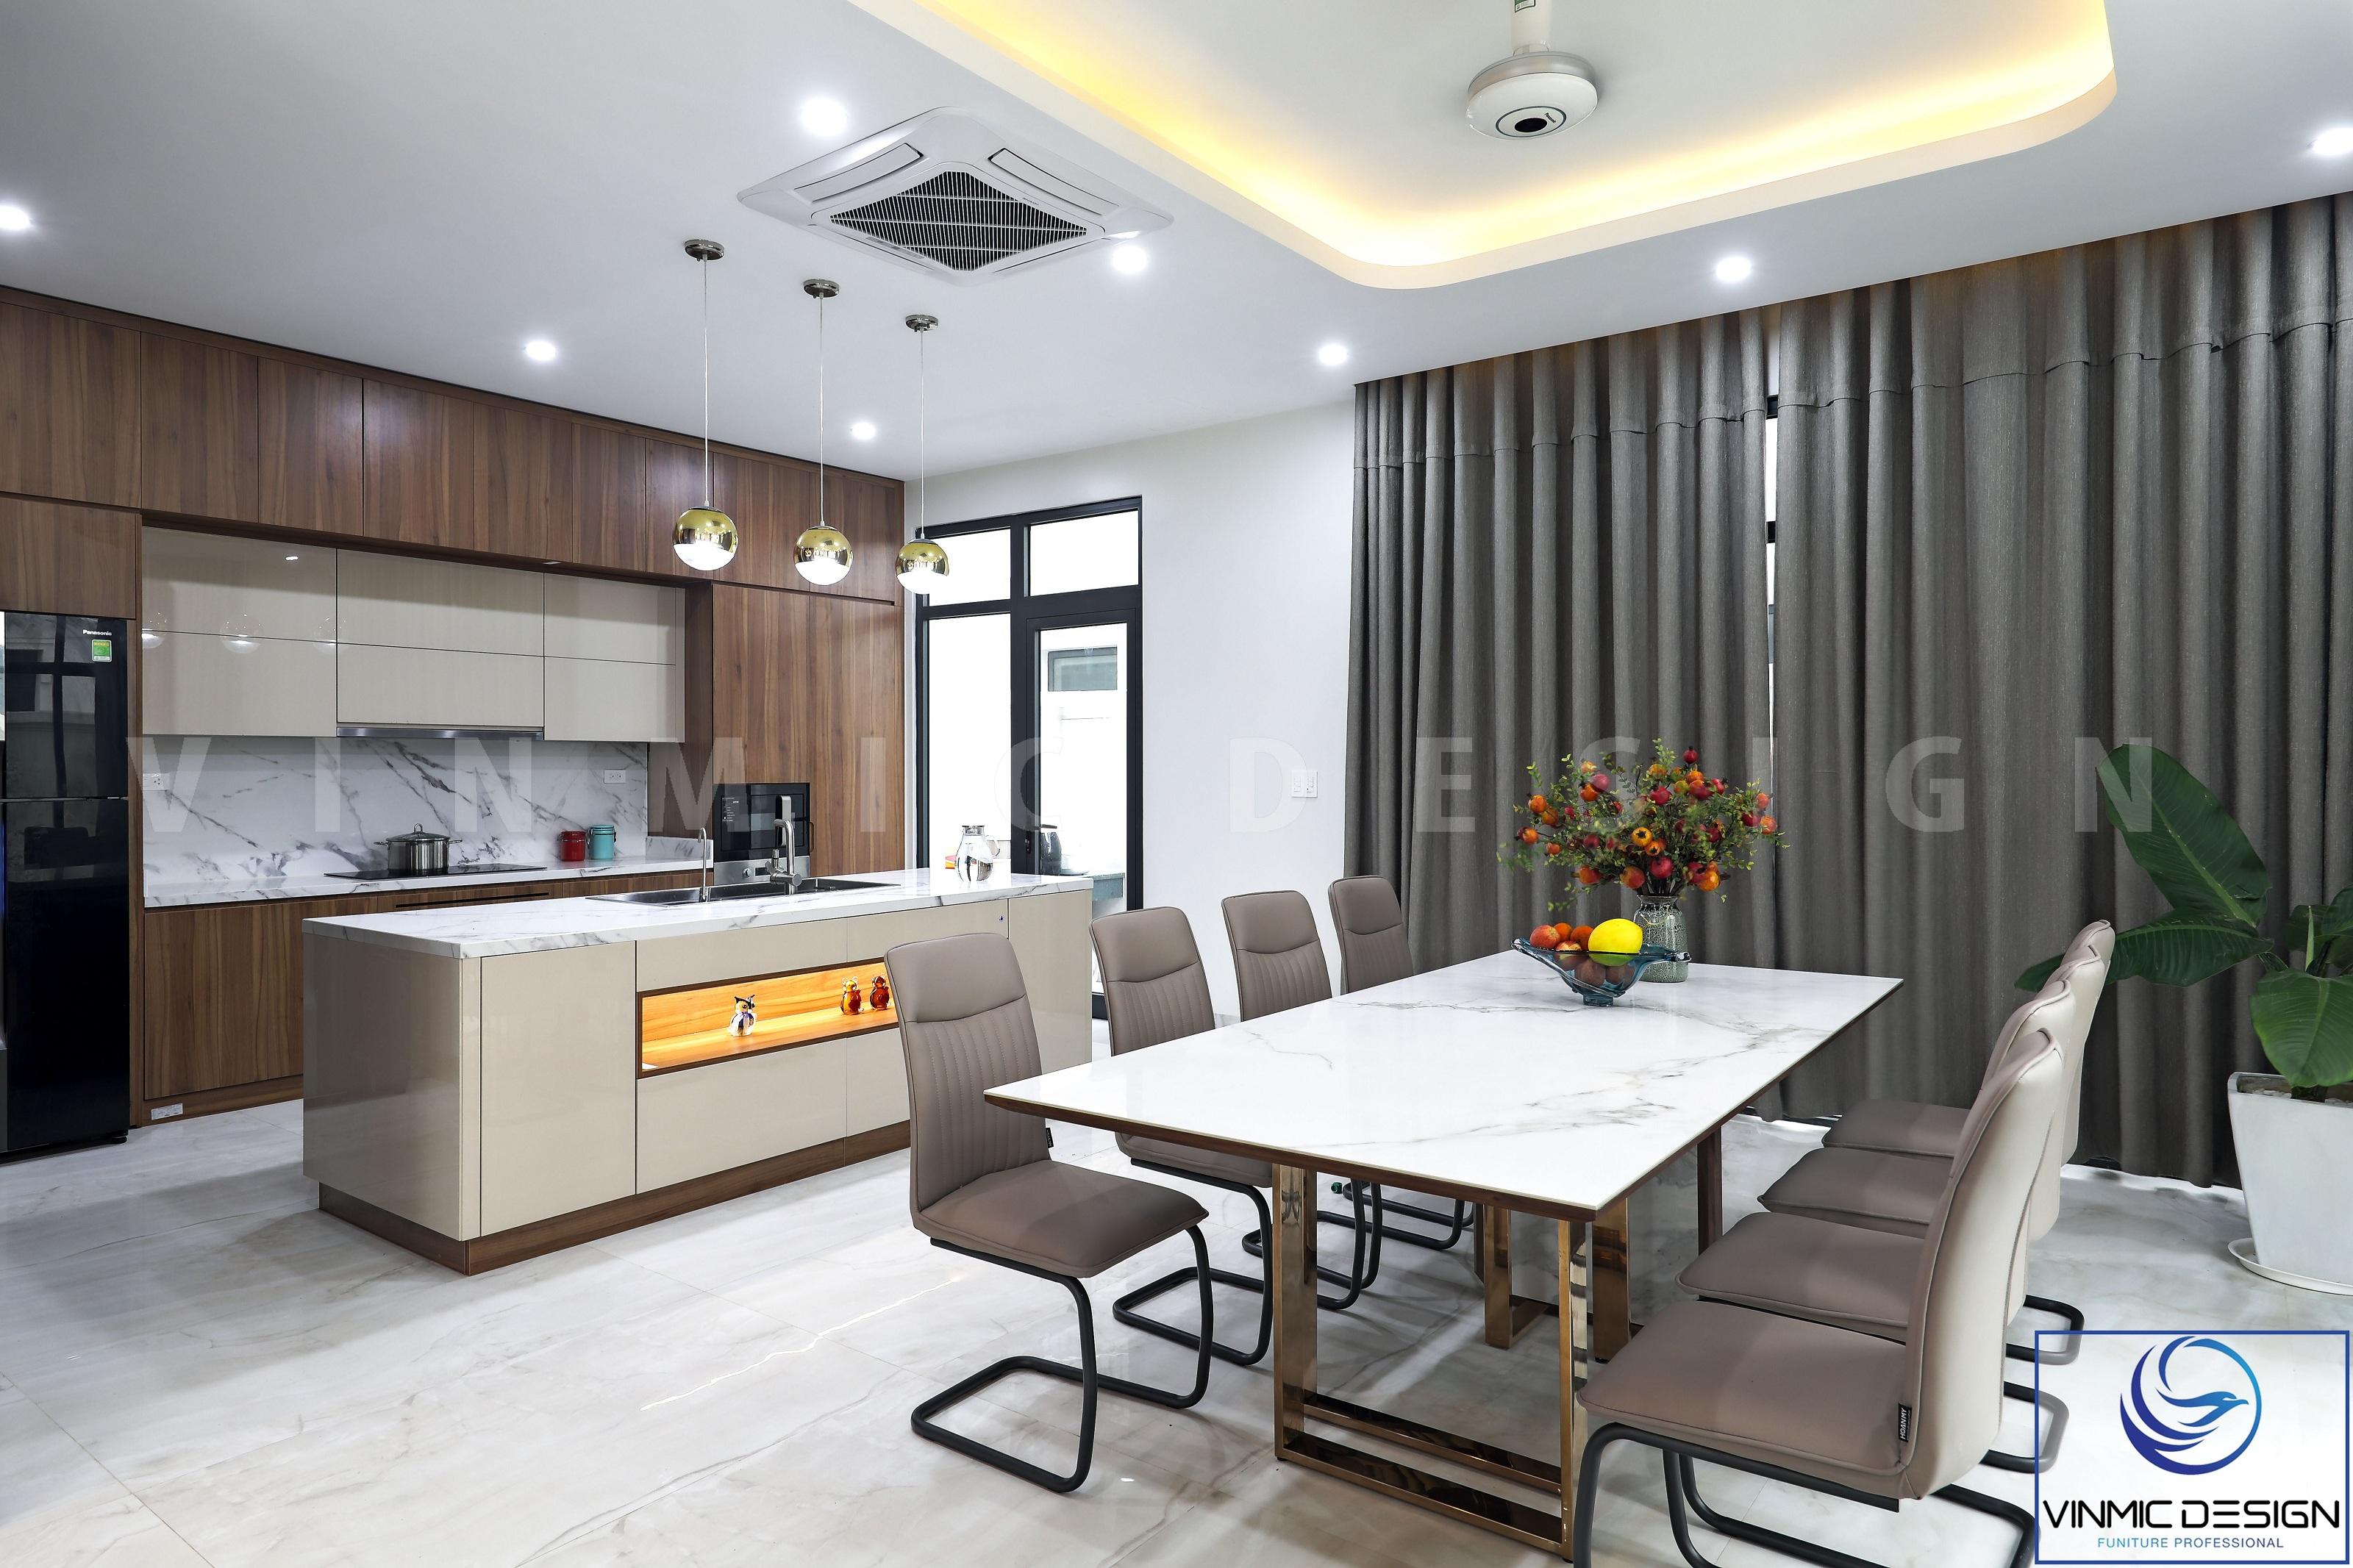 Bộ bàn ghế ăn được đặt cạnh khu vực bếp, tăng thêm sự thuận lợi khi sử dụng